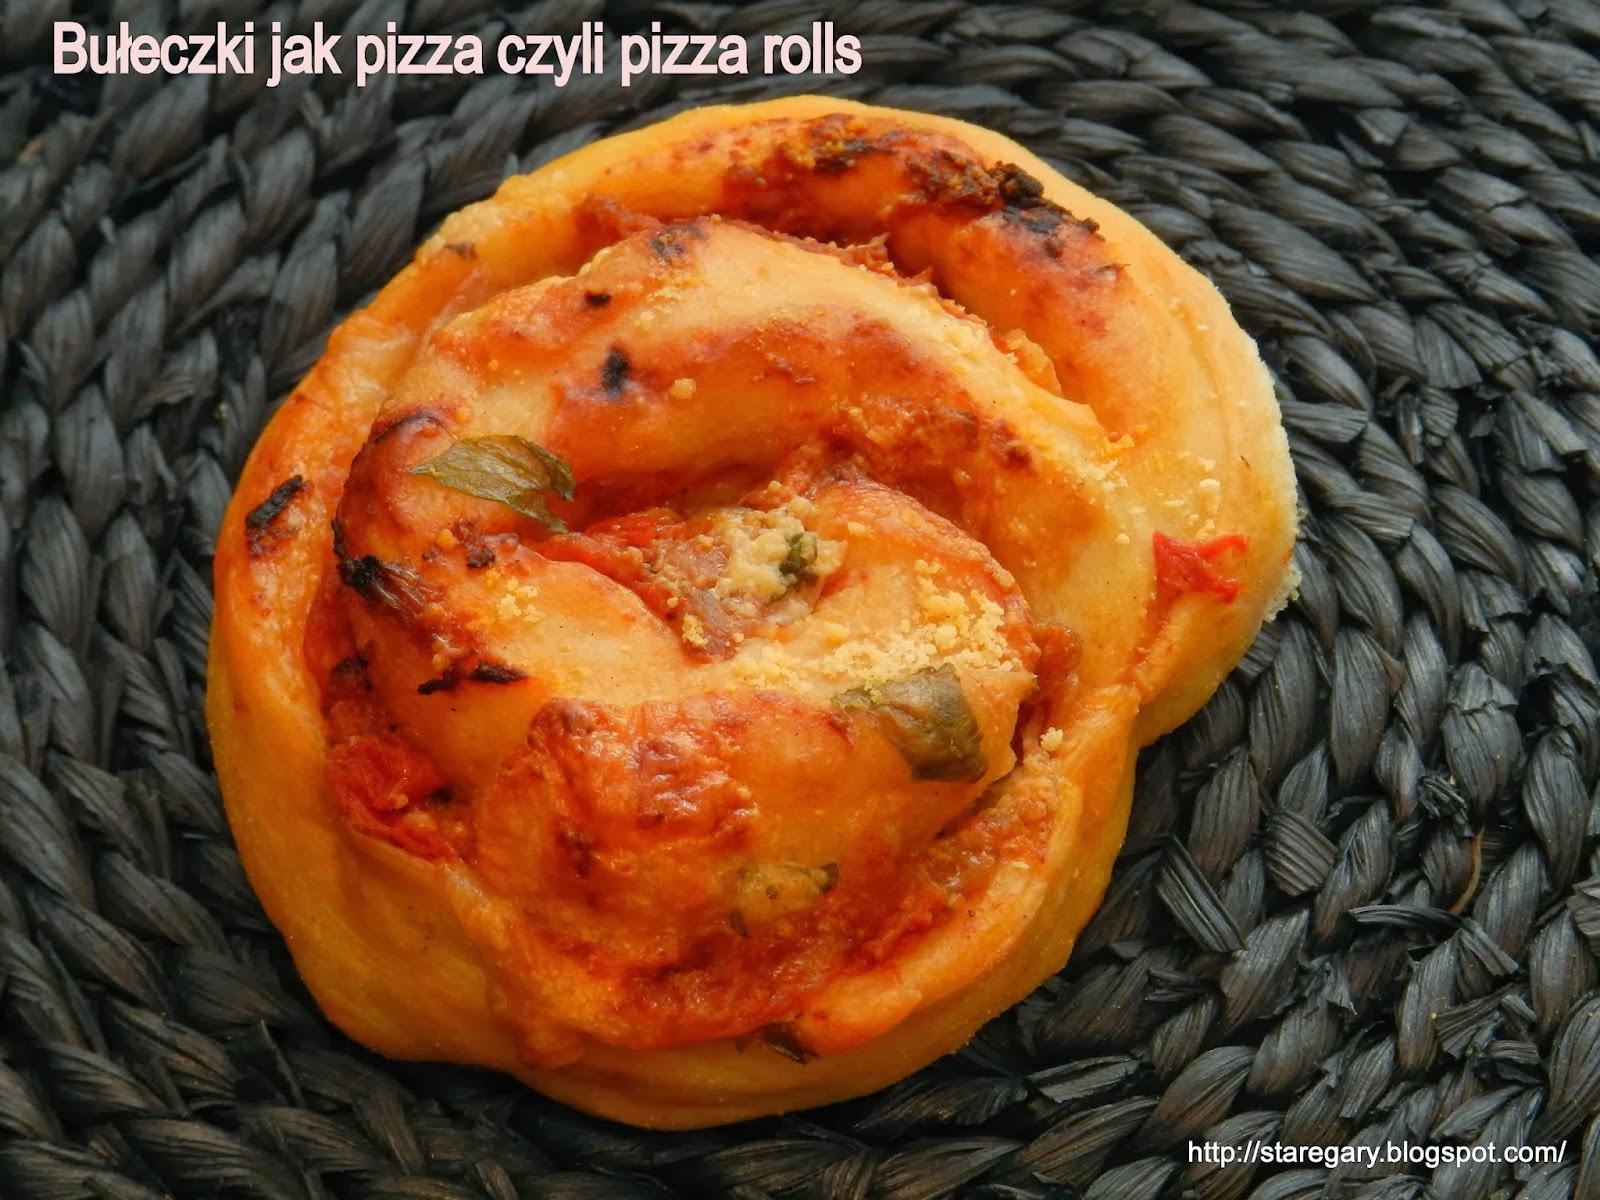 Bułeczki jak pizza czyli pizza rolls